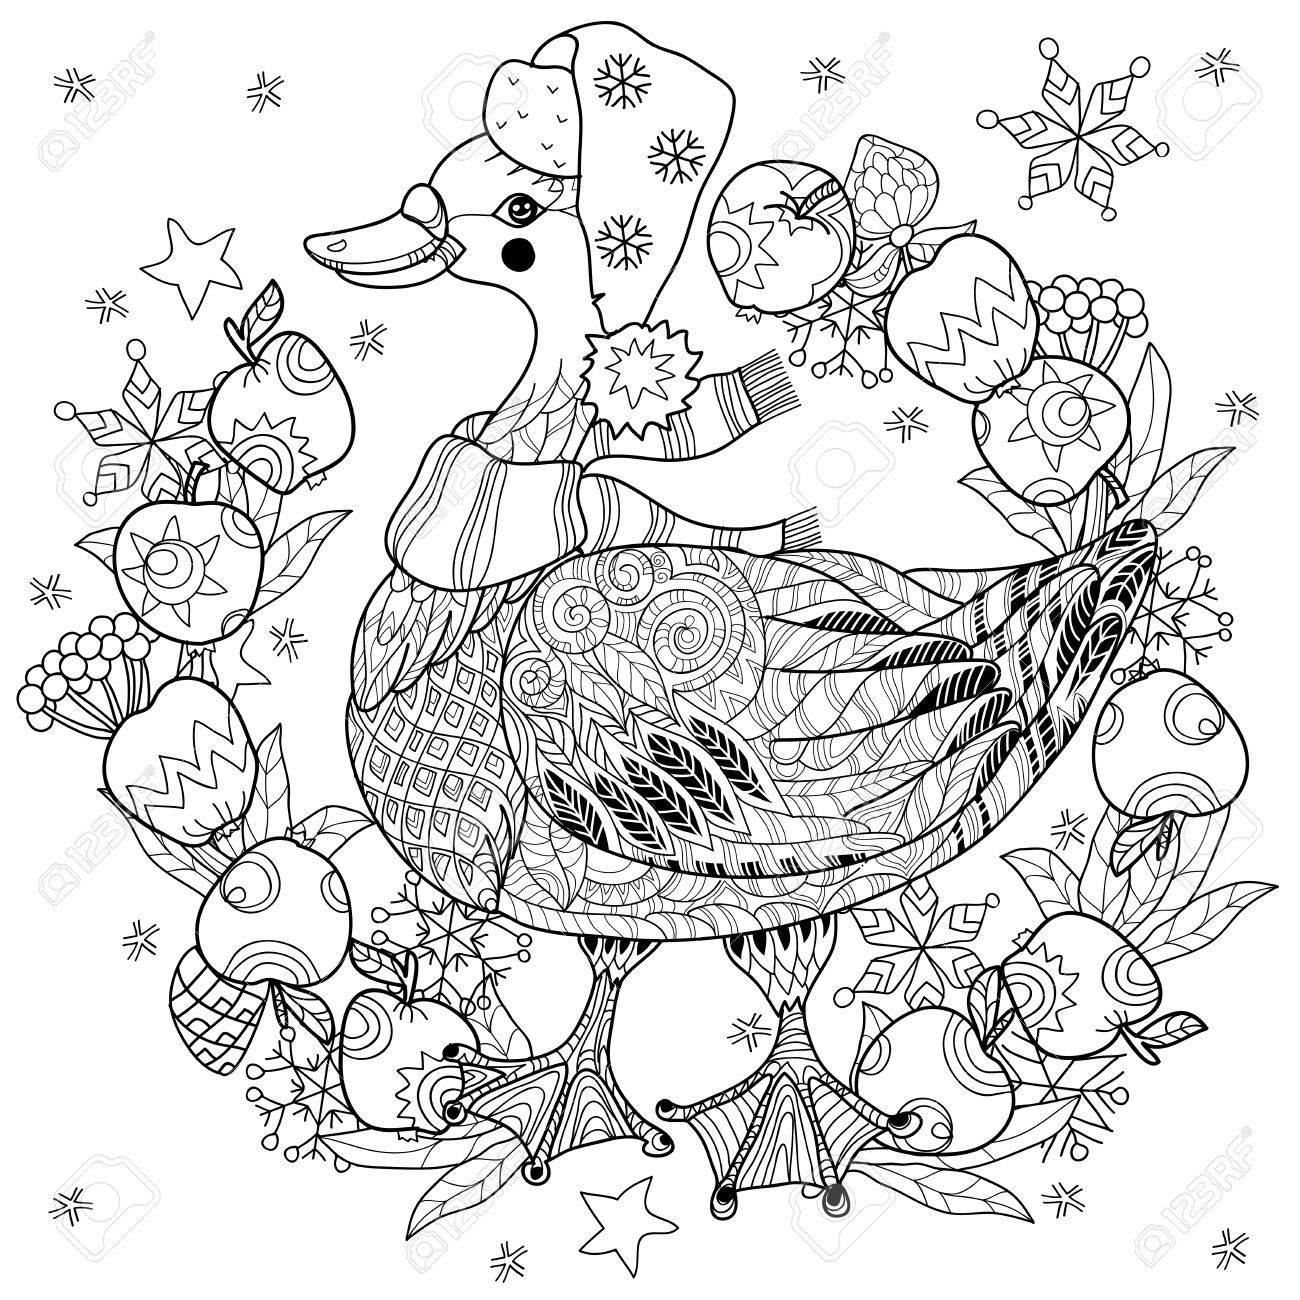 Banque d images - Oie de Noël à drôle de chapeau avec doodle collection  cadre apples.Bird. 0a60d04cfcb